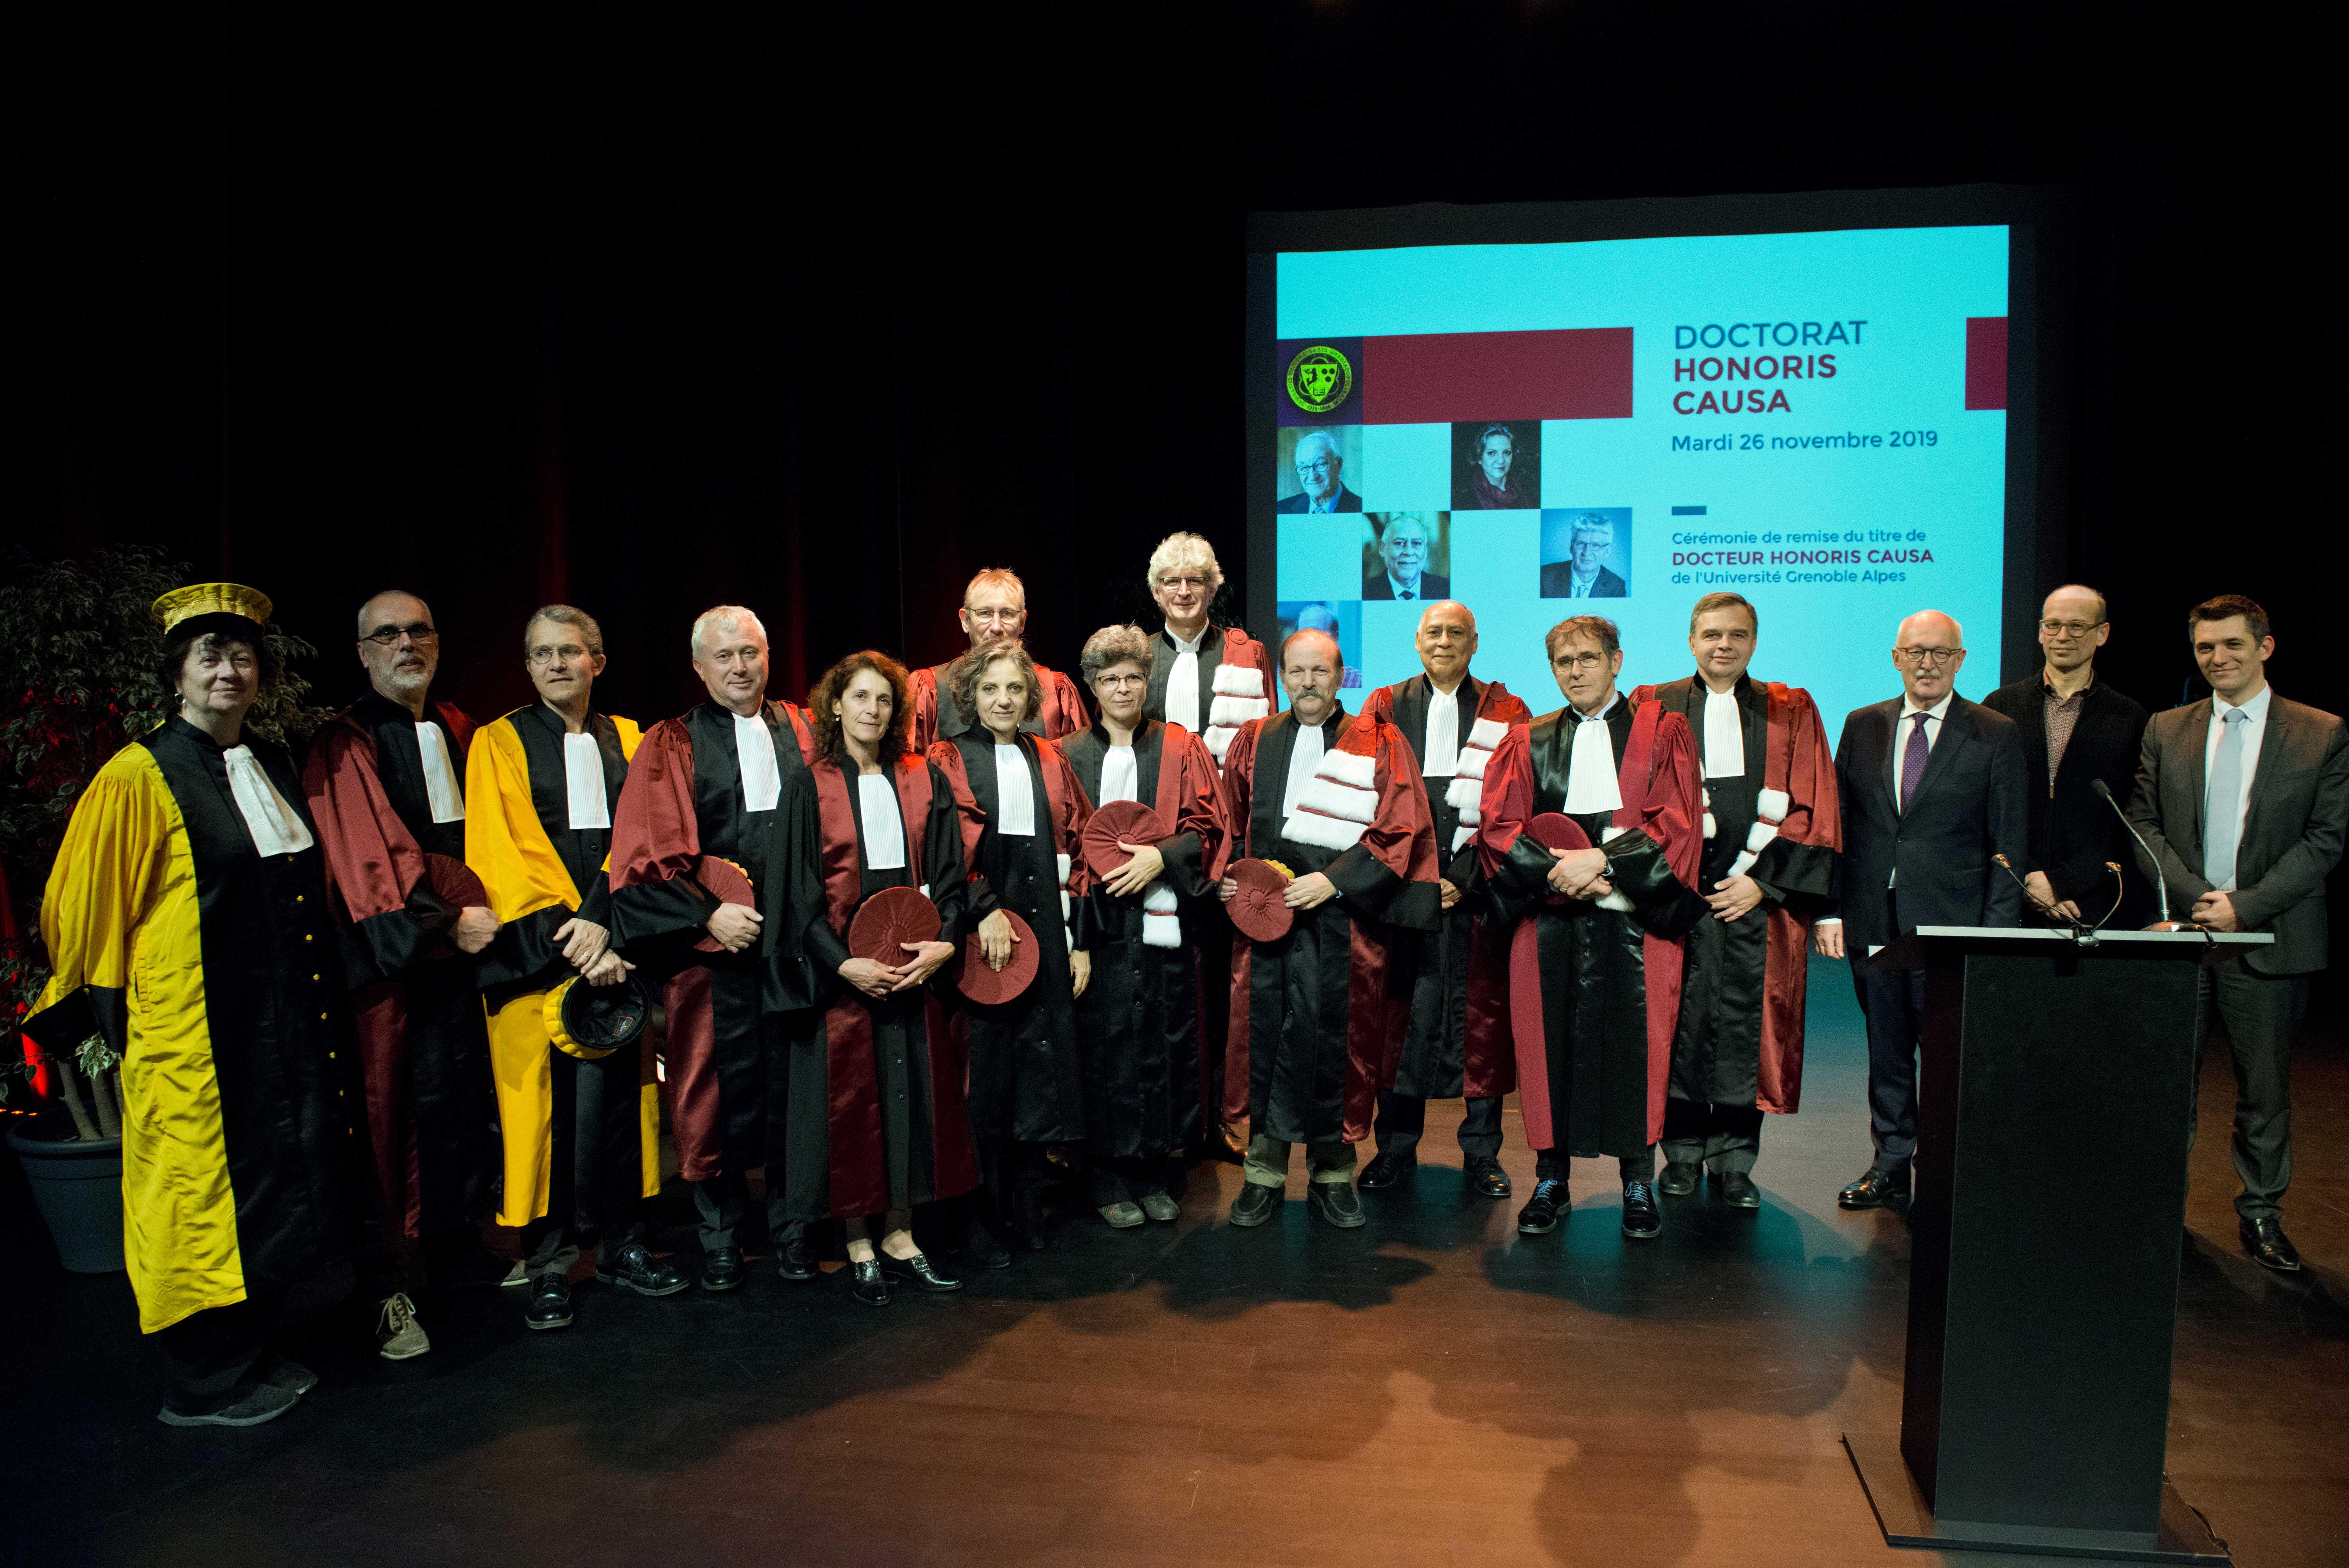 Photo de groupe en présence de Max Maldacker, consul général d'Allemagne à Lyon, de Fabien Malbet, maire-adjoint de Grenoble, et d'Aymeric Meiss, directeur de cabinet de la rectrice de l'académie de Grenoble